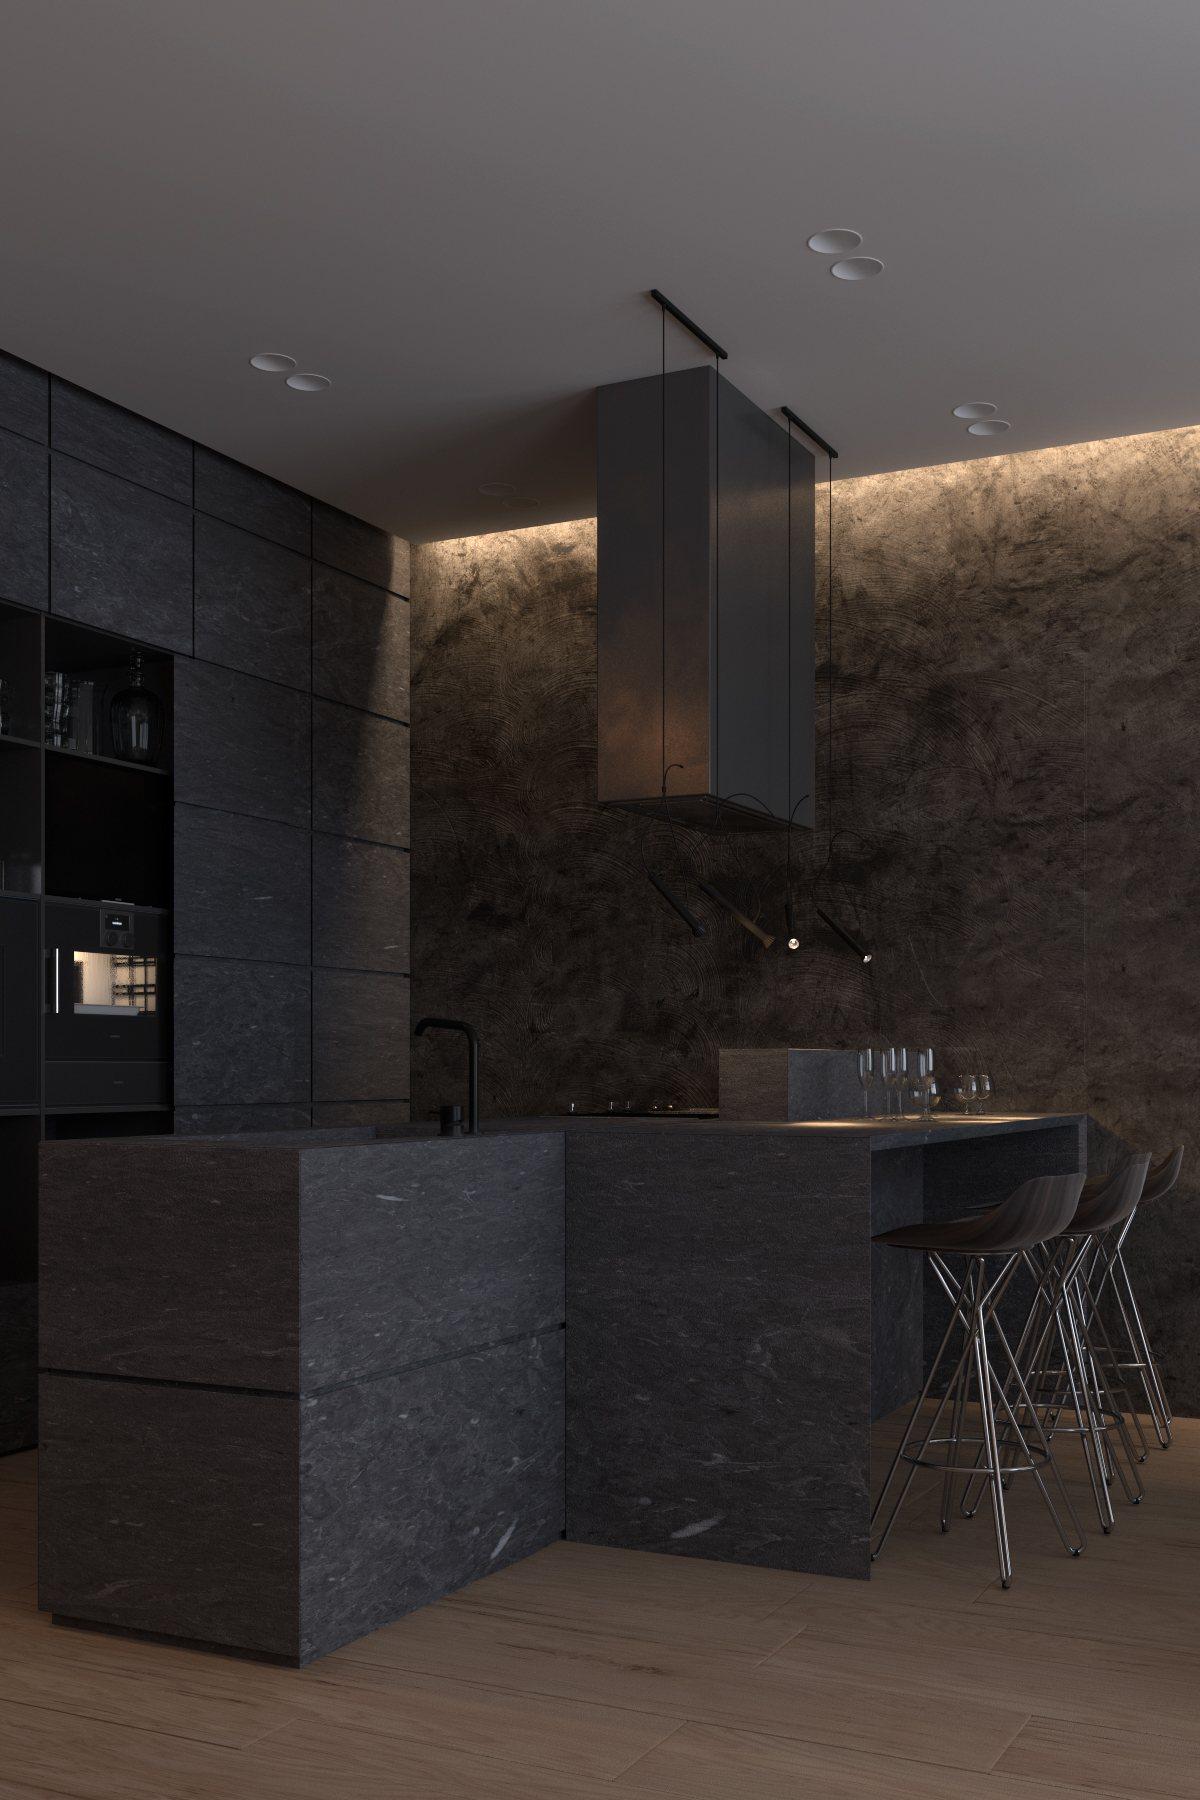 Dark kitchen interior design style